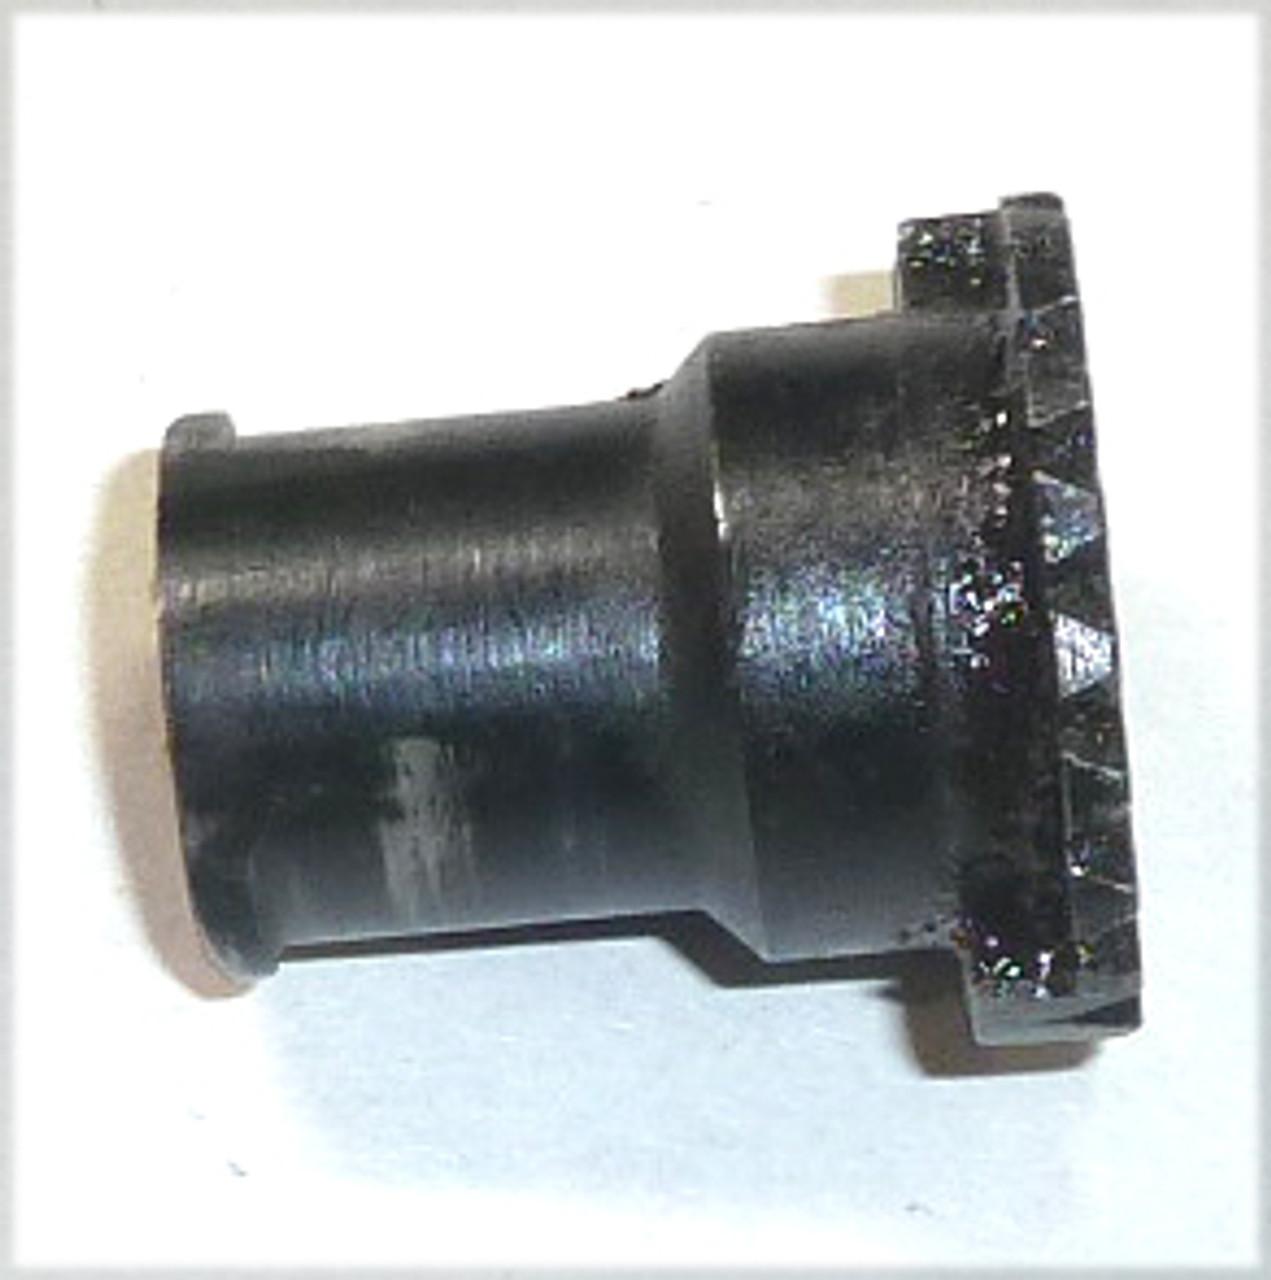 38: Nut, return spring tube, Mk 1